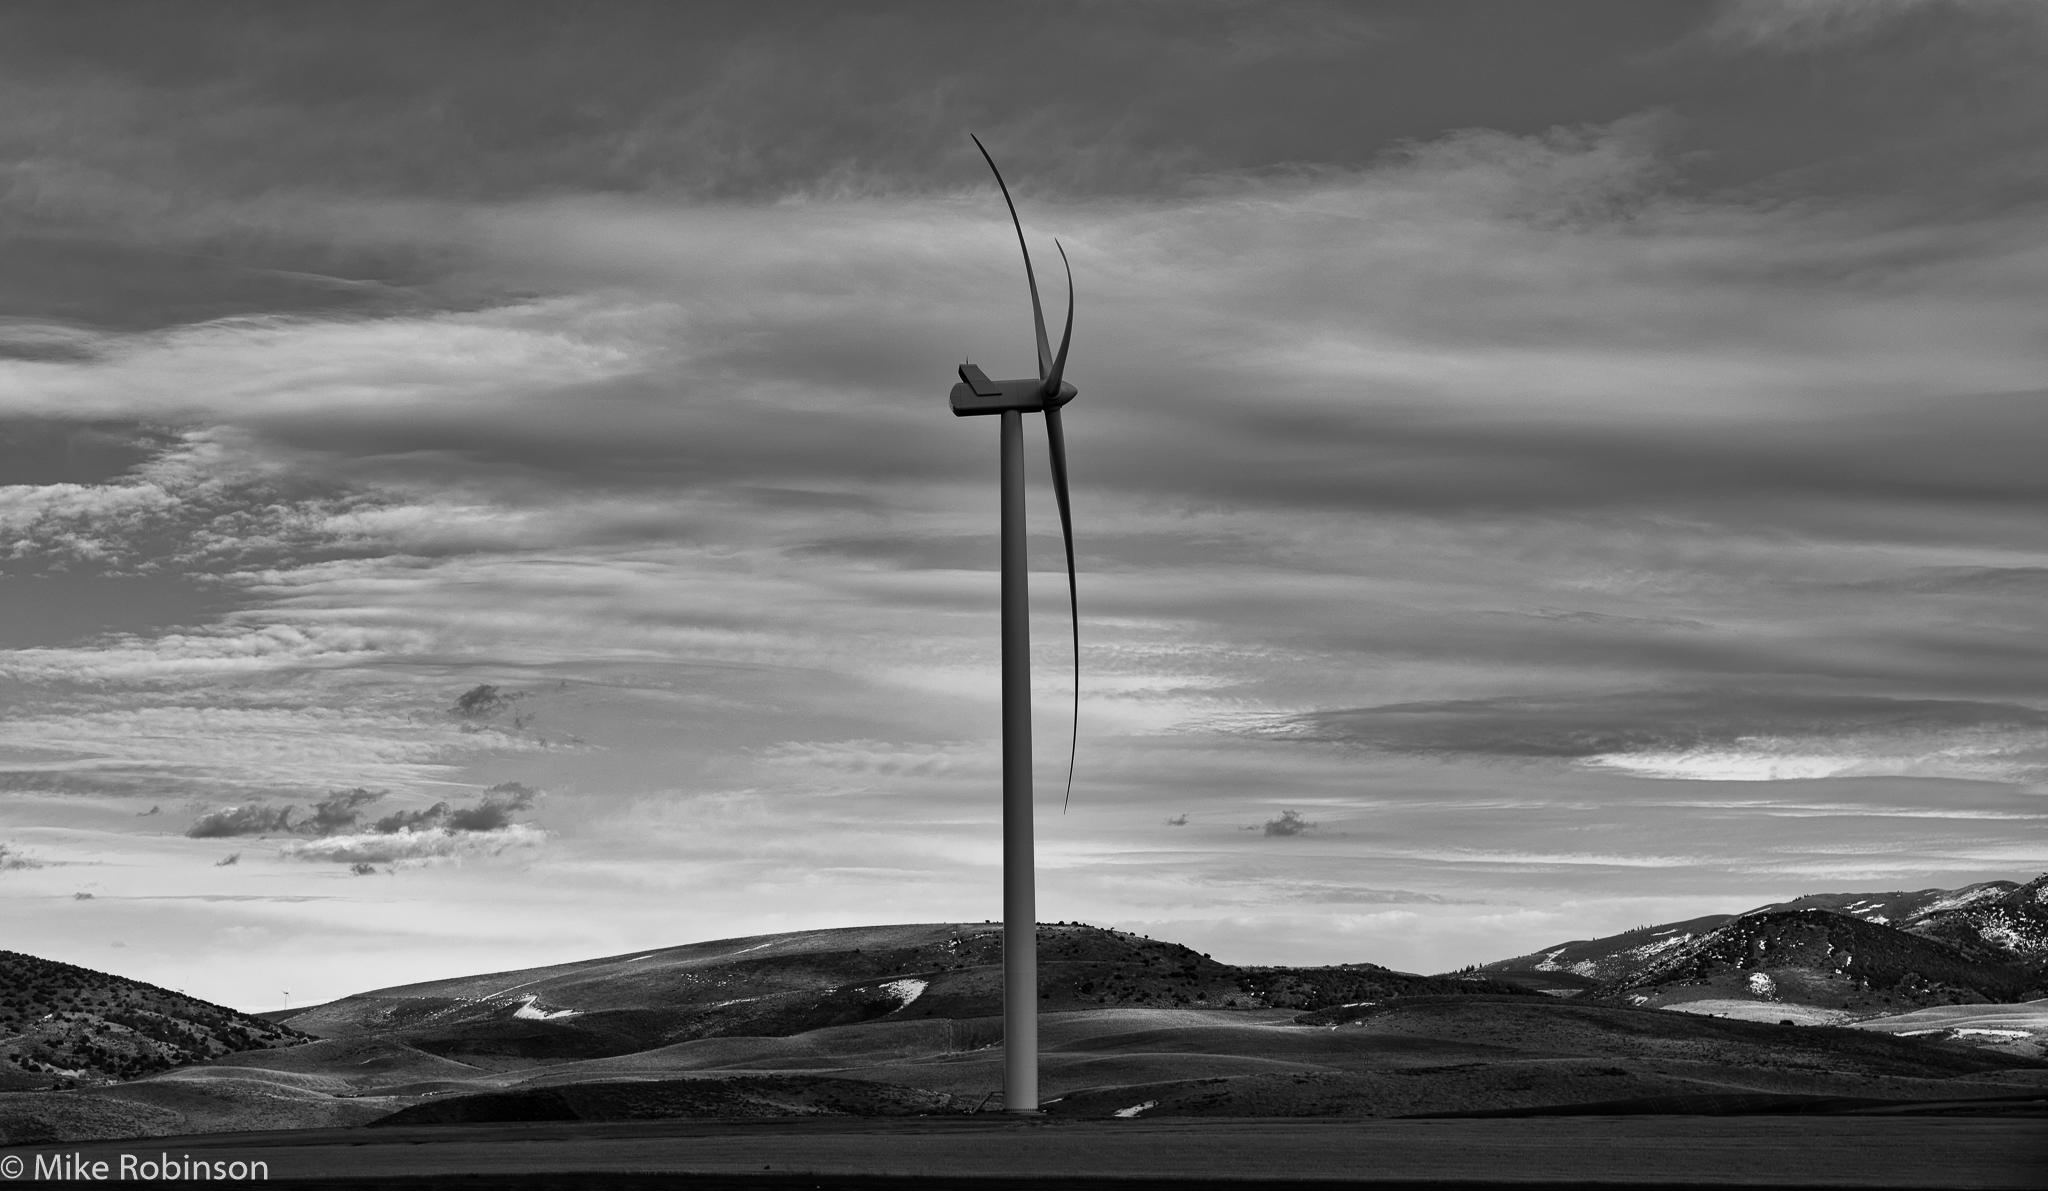 Windpower_10_BW